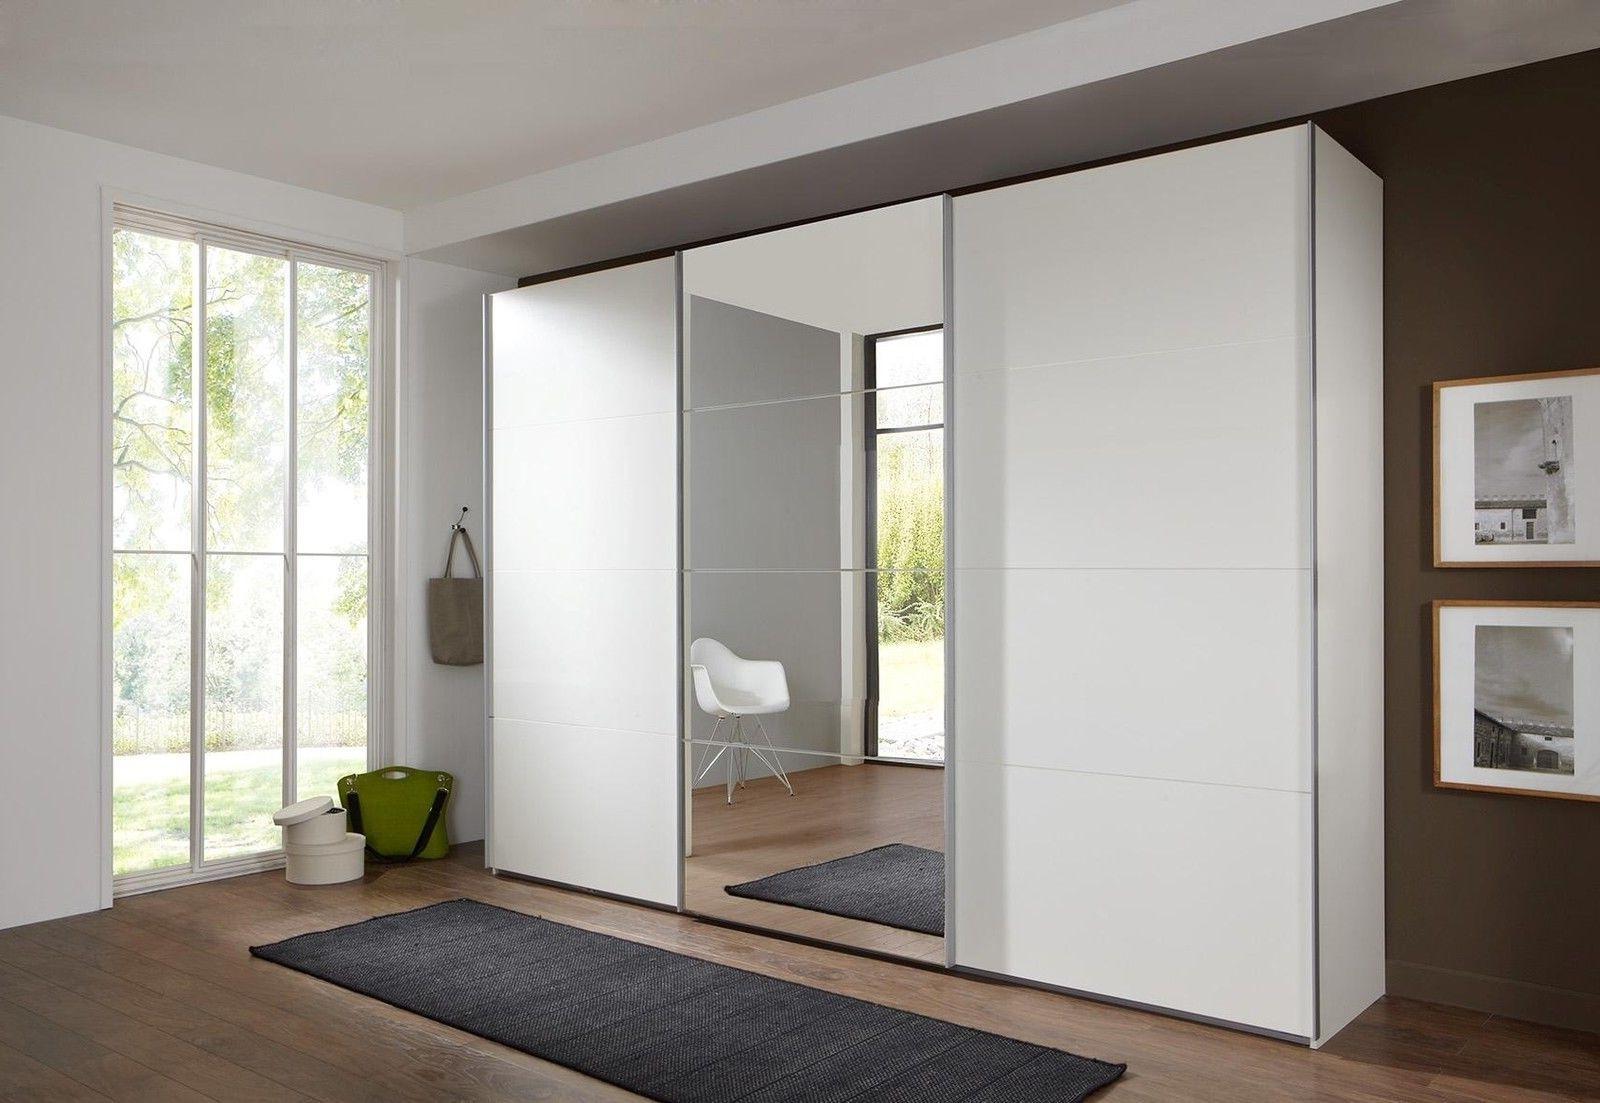 Recent Bergen Wardrobe White With Mirror Doors And Drawers Wardrobes Door In Three Door Mirrored Wardrobes (View 8 of 15)